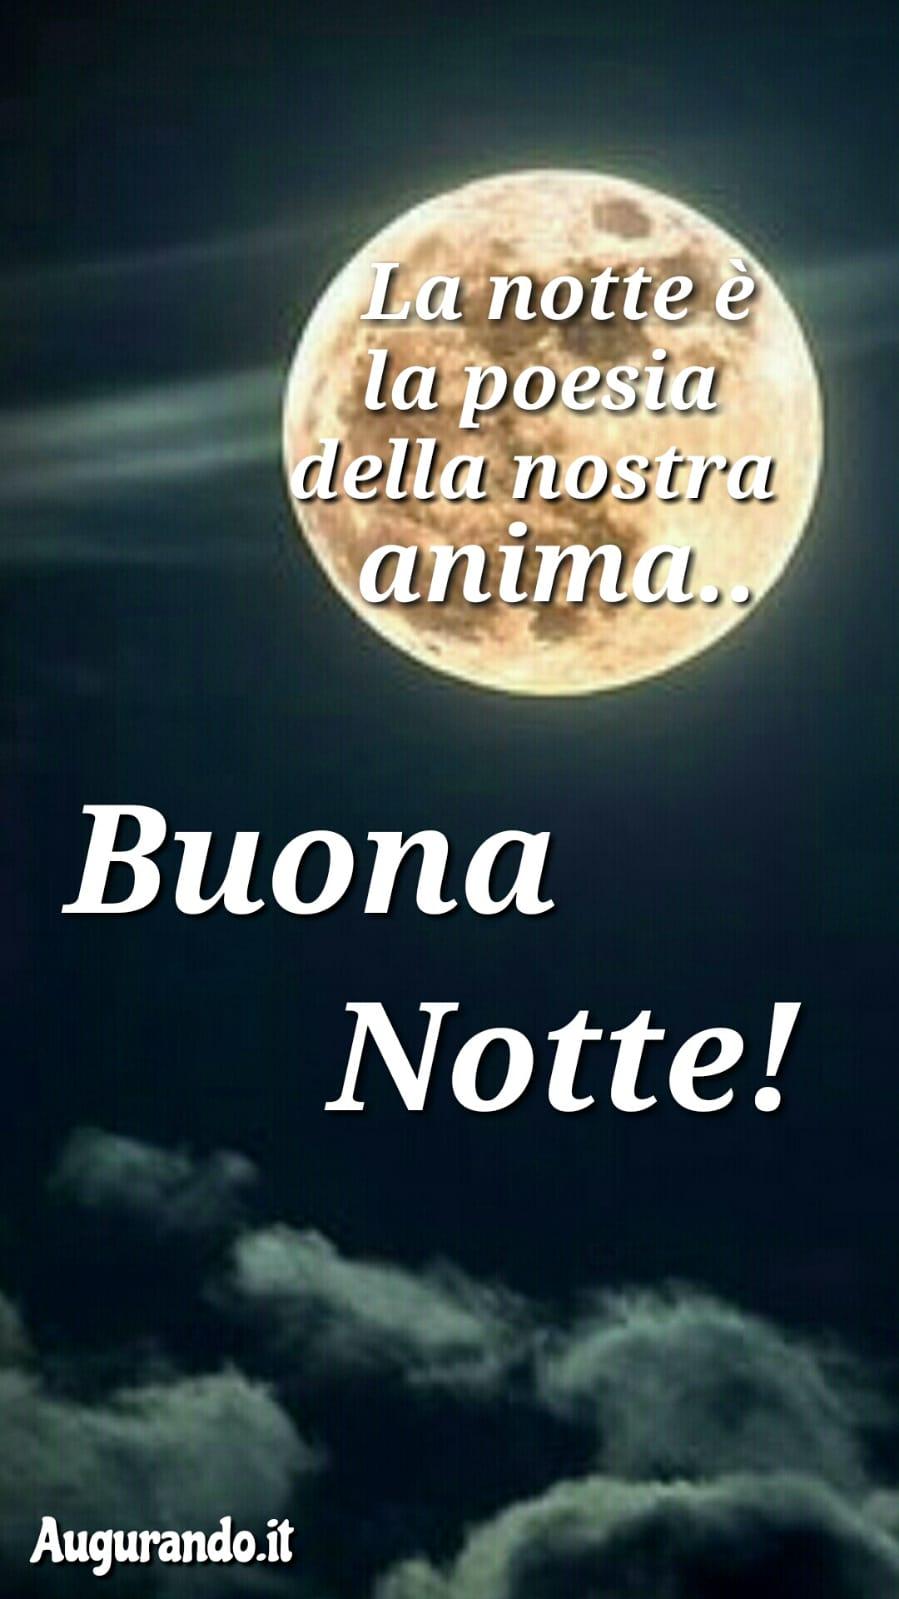 Buonanotte, notte, dolce notte, dolcissima notte, serena notte, sogni d'oro, felice notte, immagini buonanotte, sogni sereni, buonanotte amore, buonanotte a tutti, buonanotte a te